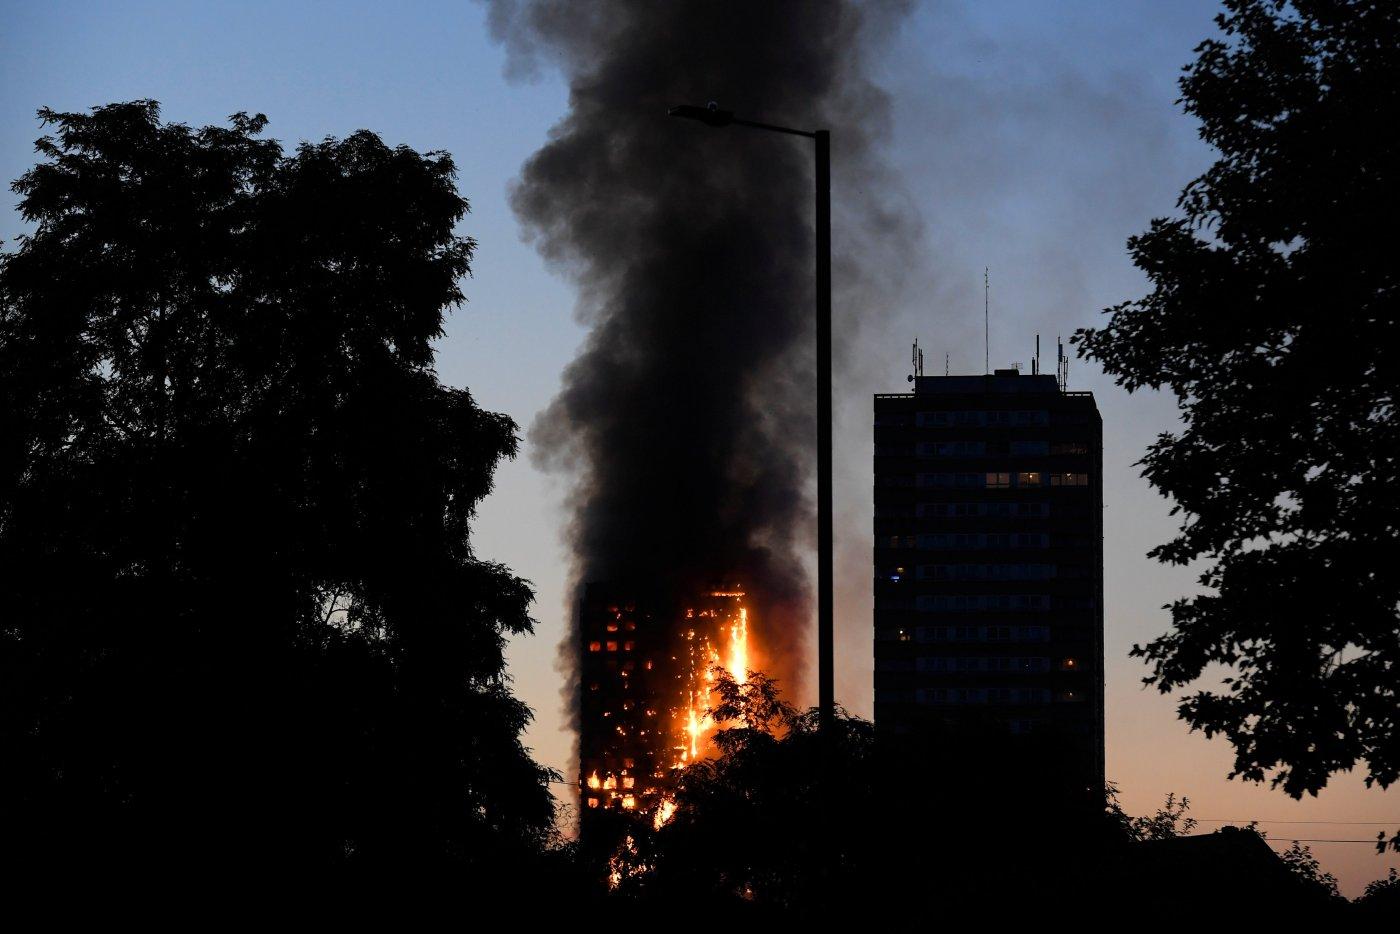 Incendio, Londres, bomberos, emergencia, condominio, fuego,